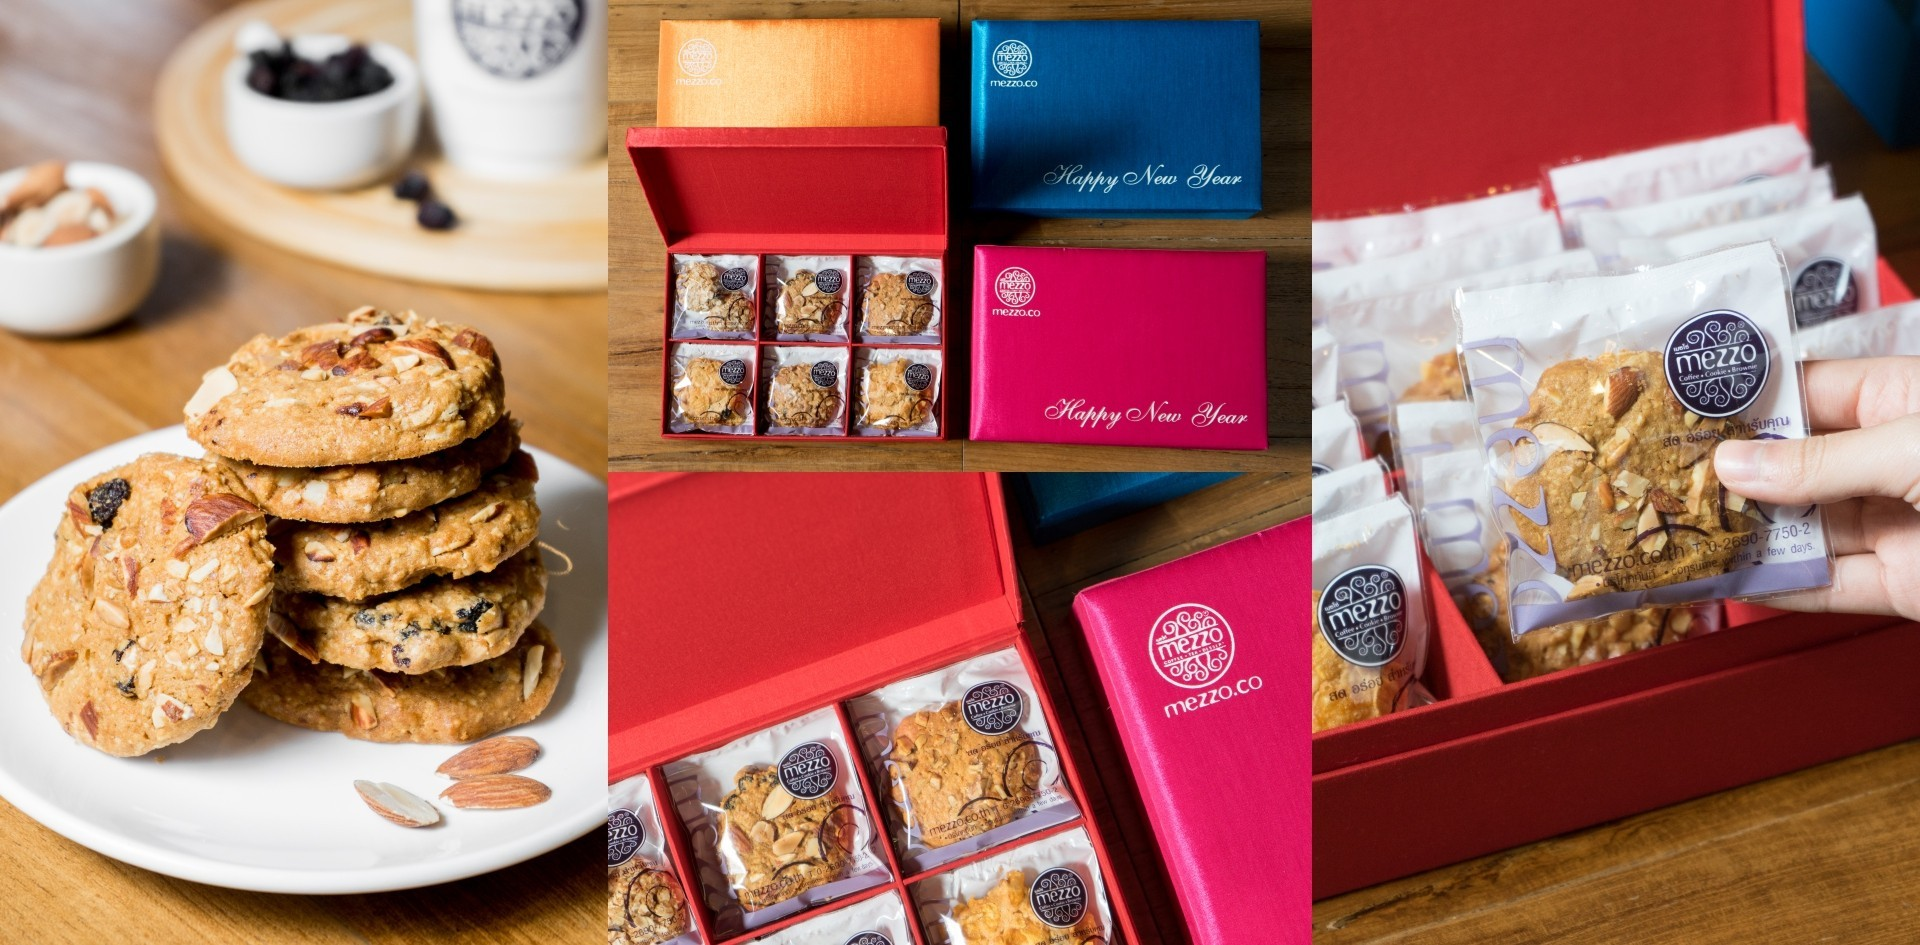 """[รีวิว] """"Mezzo Coffee"""" ขอส่งความสุขปี 2019 ด้วย Gift Set สุดพิเศษ!"""